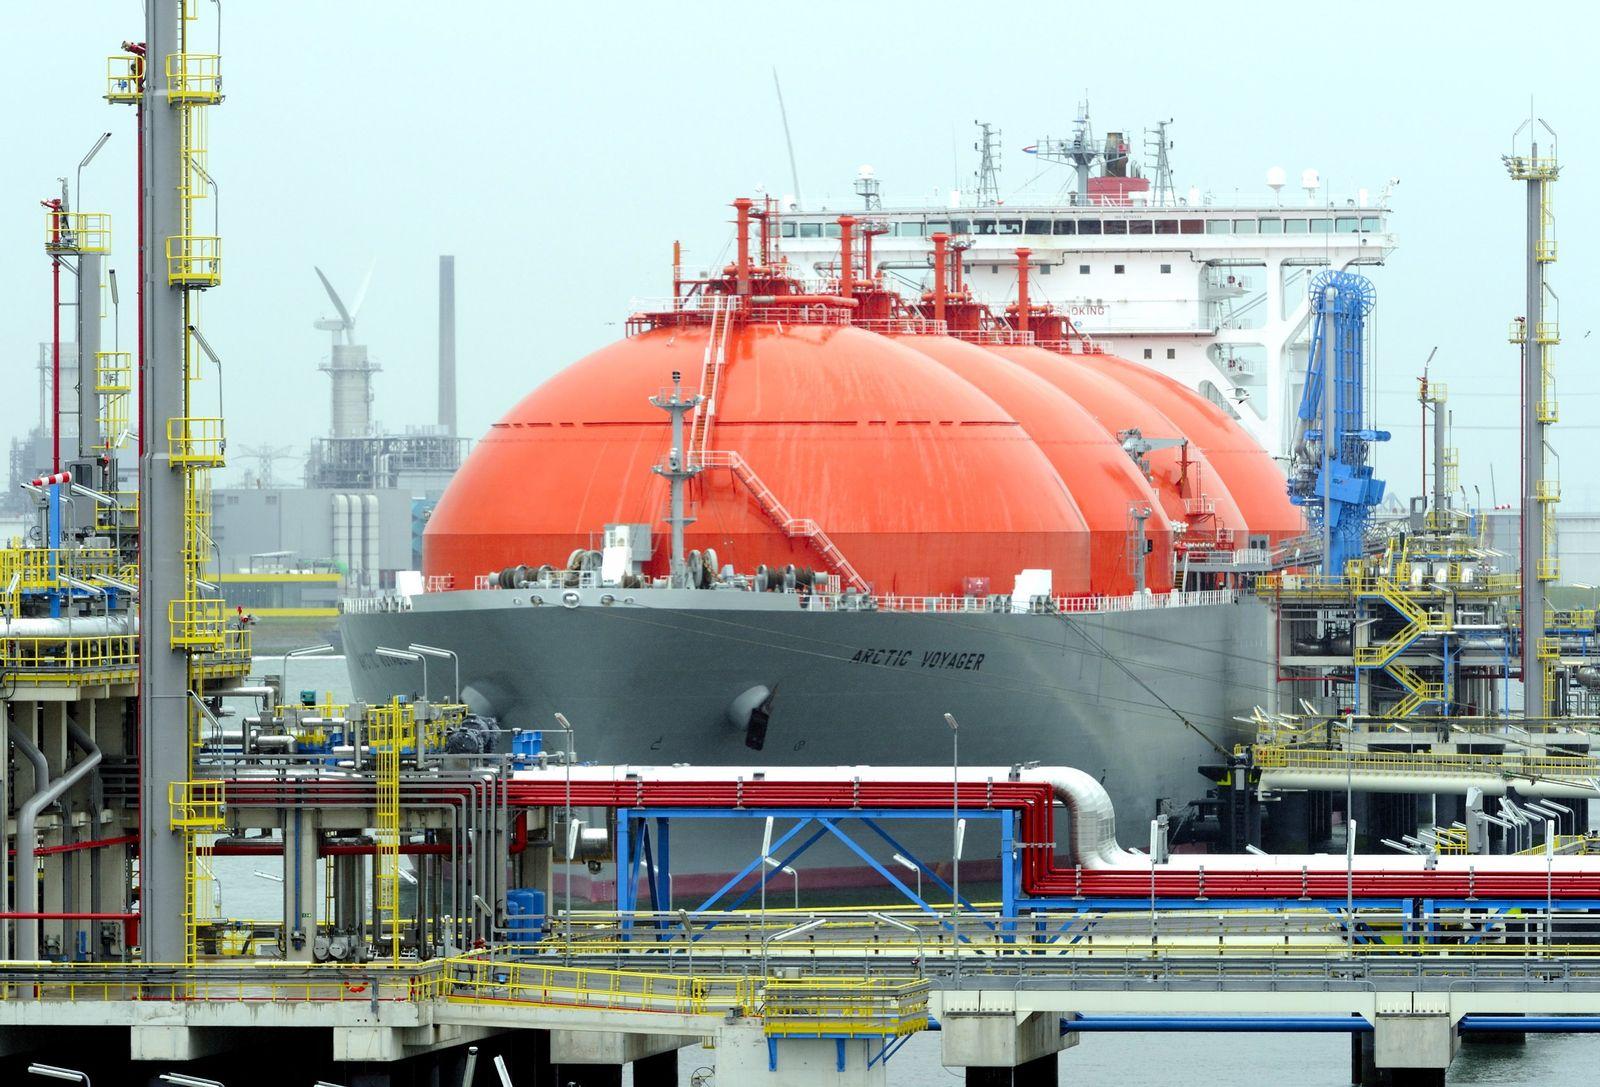 Ölpreis / Hafen von Rotterdam / Tanker (Kopie)